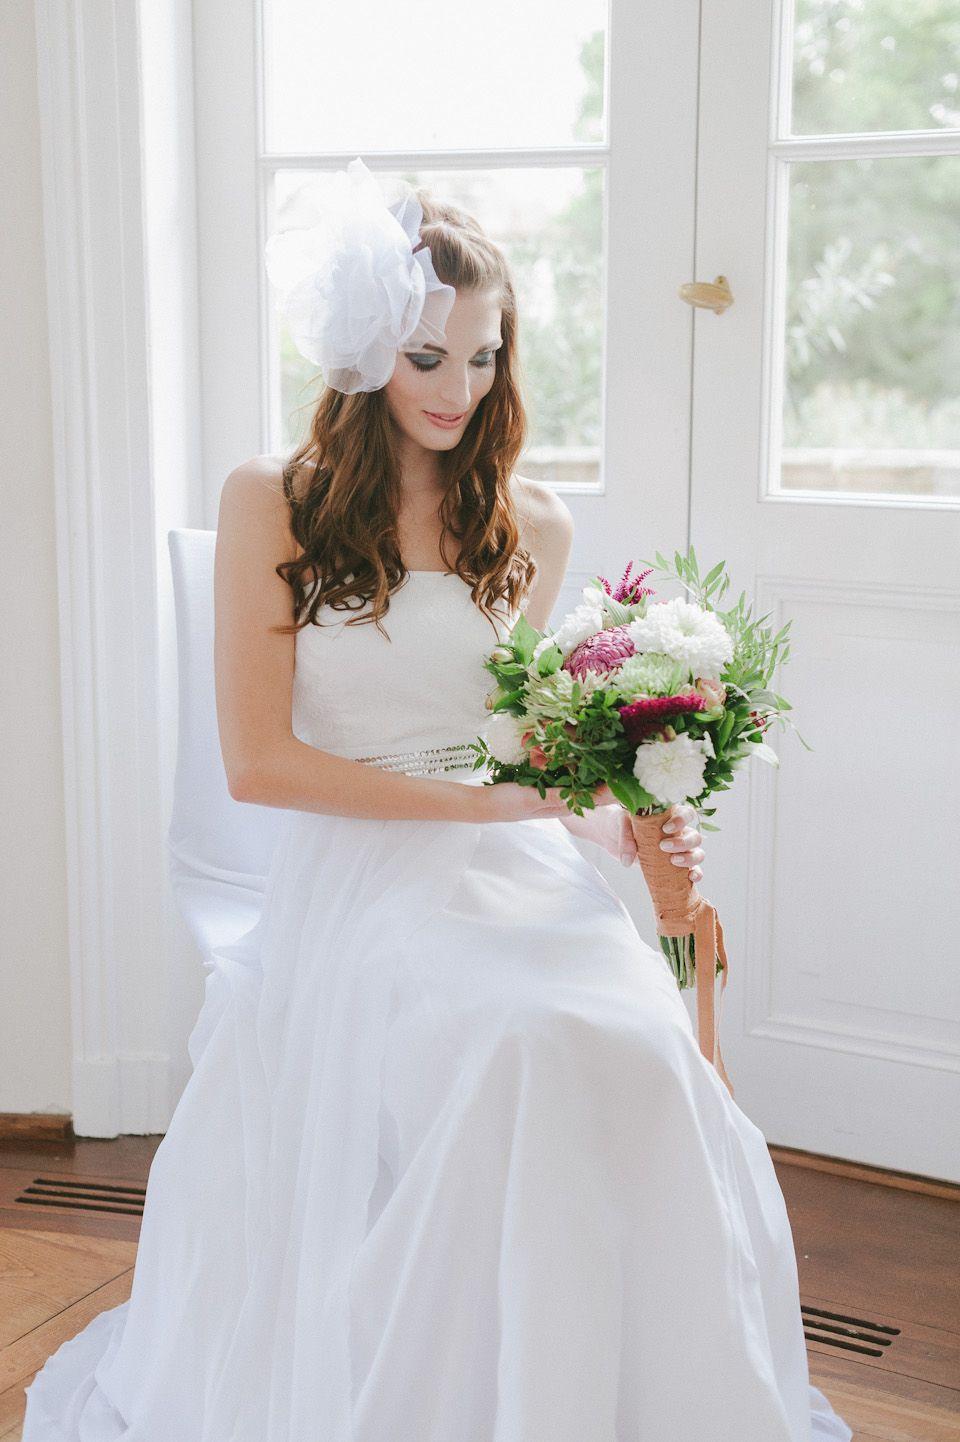 Wunderbar Mutter Der Braut Kleider In Nj Fotos - Hochzeit Kleid ...